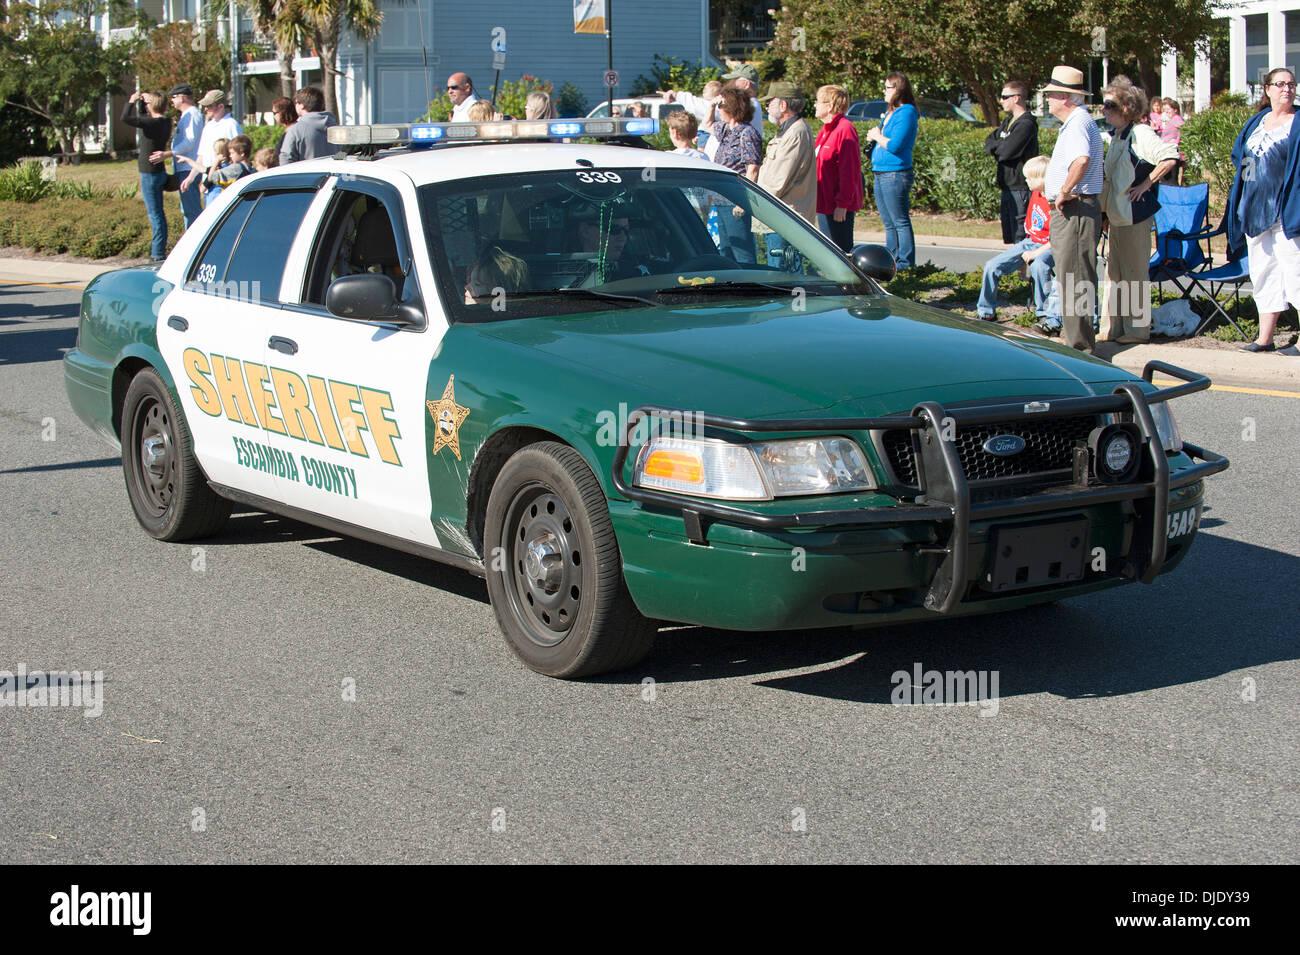 Sheriff car Escambia County Florida USA Stock Photo ...